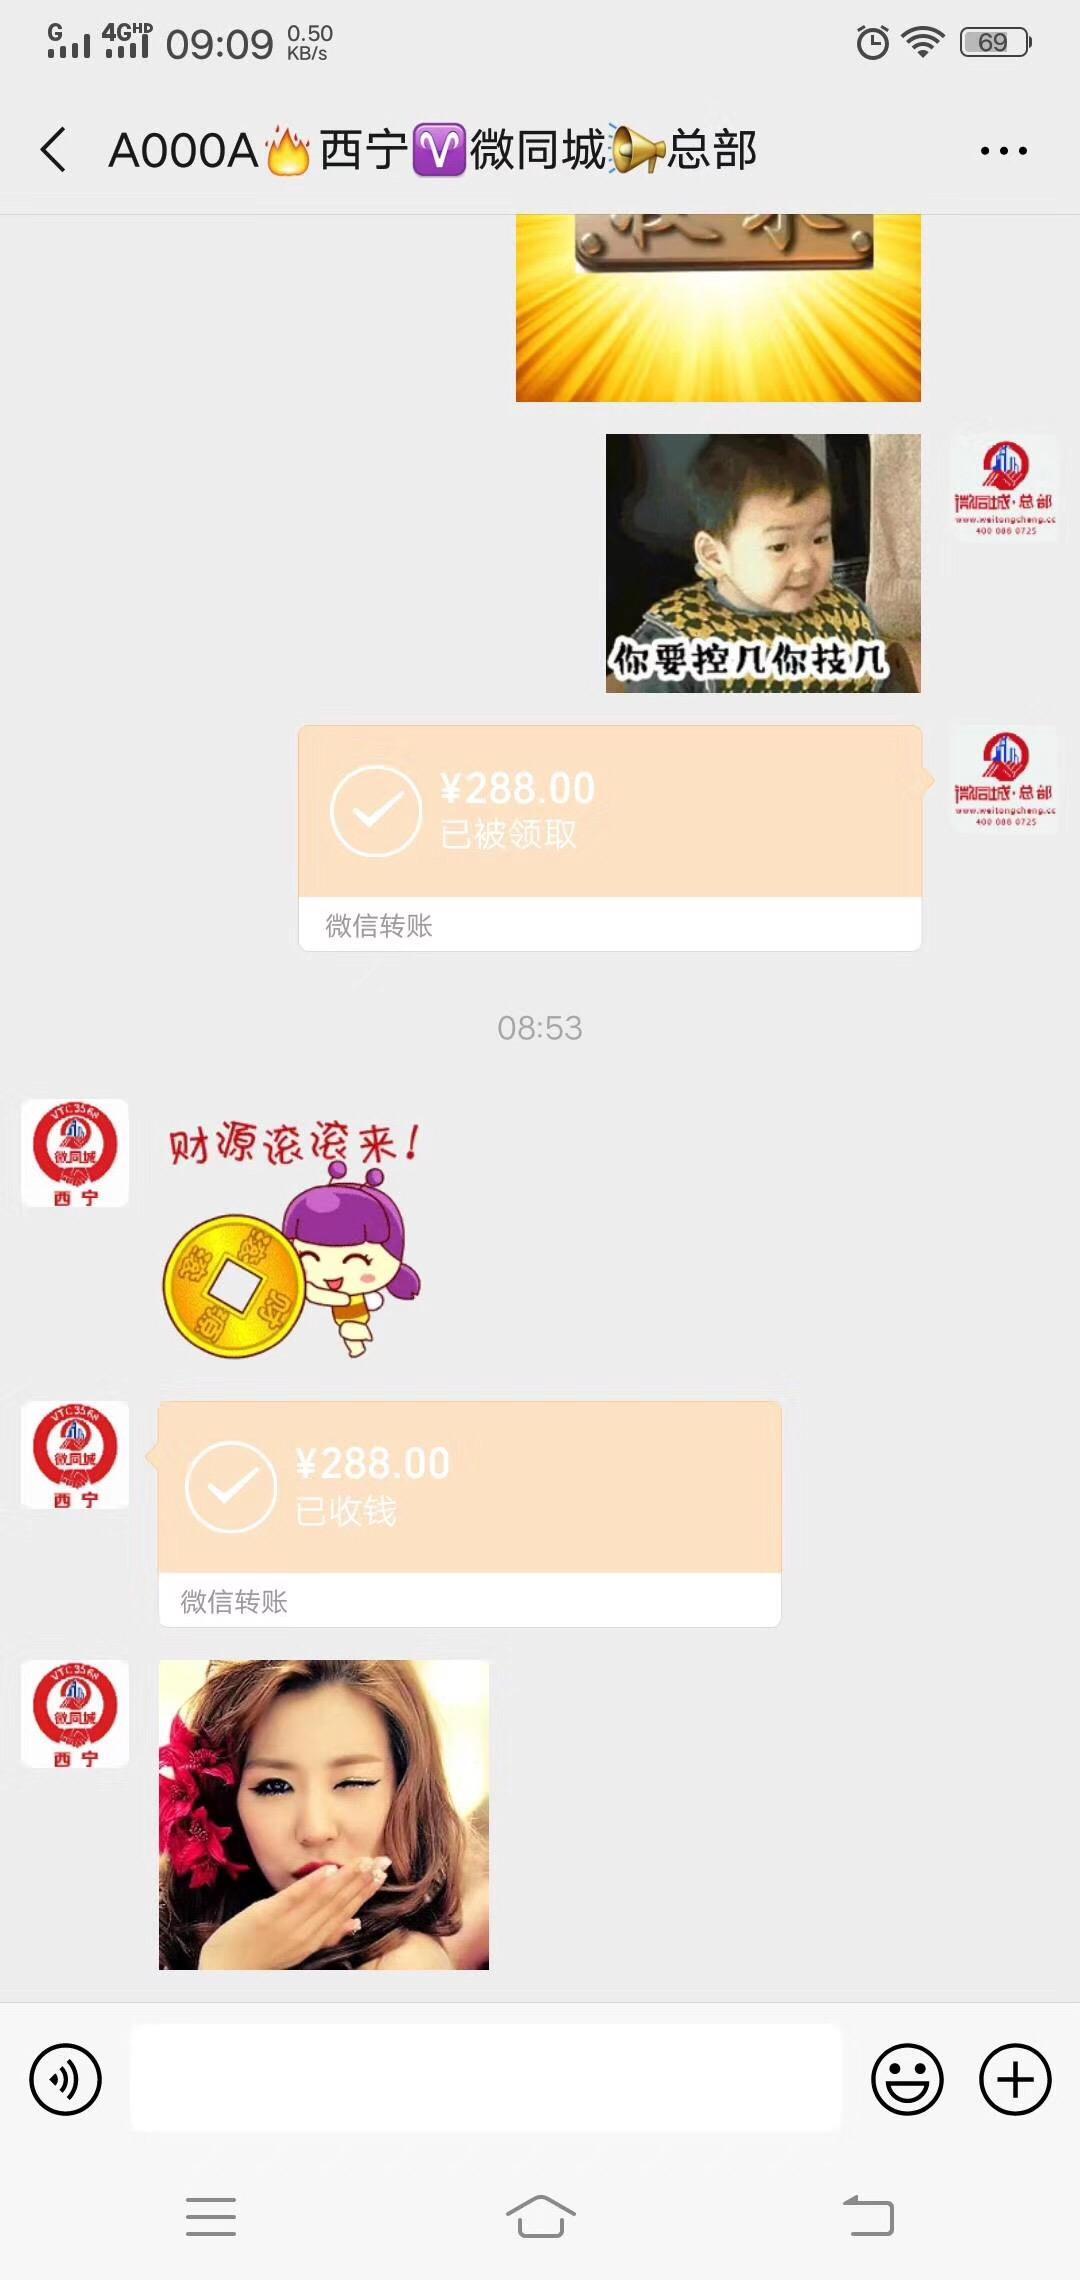 【赚288元】西宁微全城微帮广告佣金